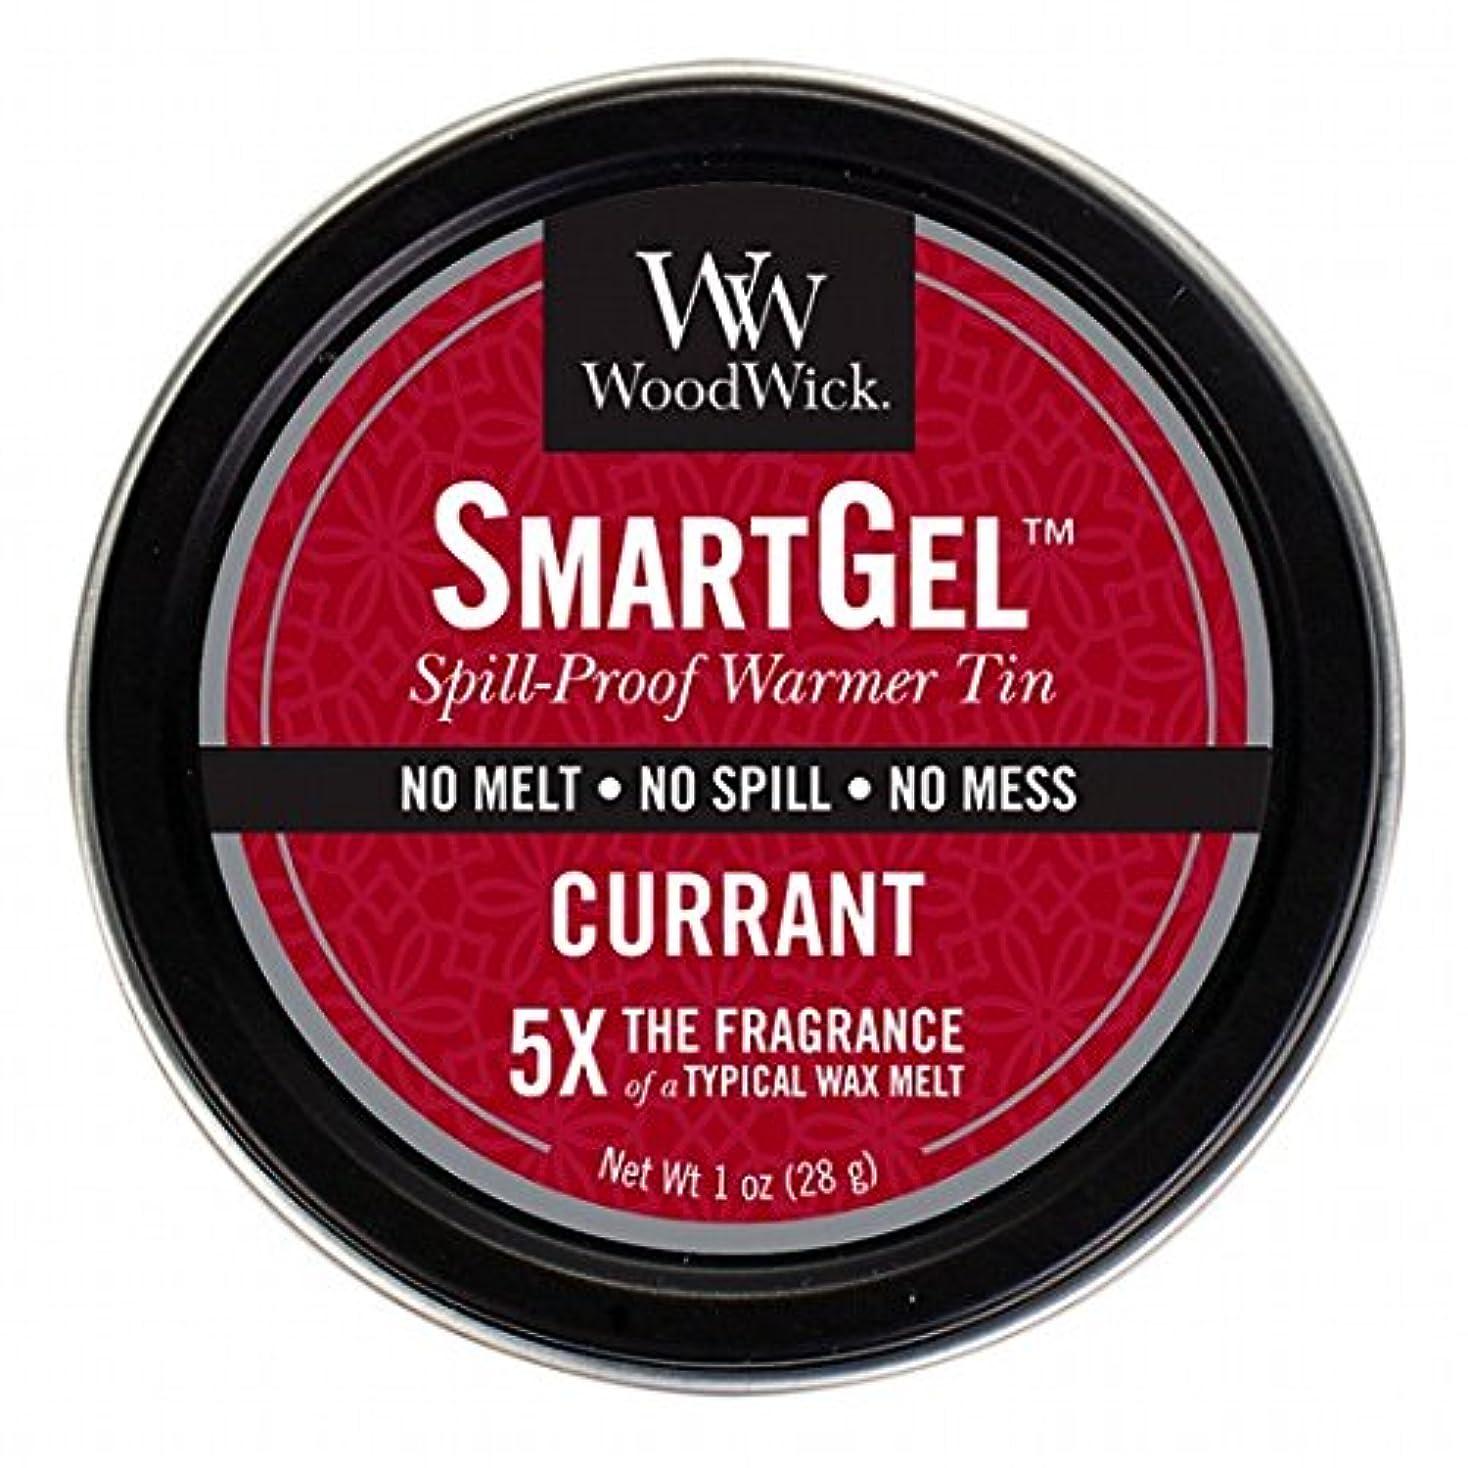 ラベ振り子定常WoodWick(ウッドウィック) Wood Wickスマートジェル 「 カラント 」W9630520(W9630520)